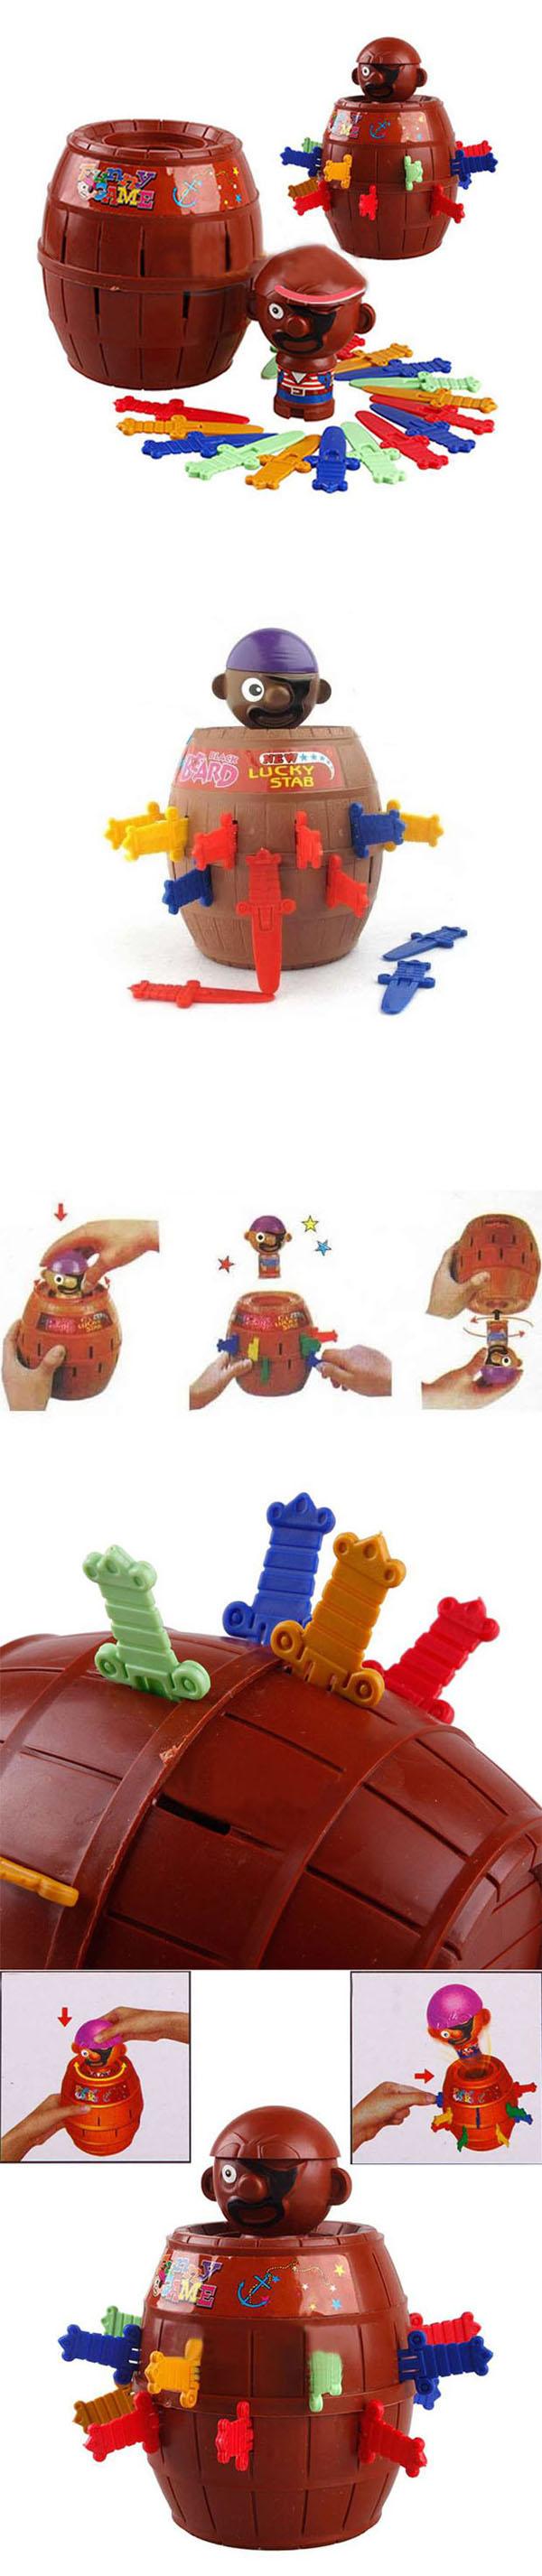 Bộ đồ chơi đâm hải tặc giá rẻ nhất thị trường